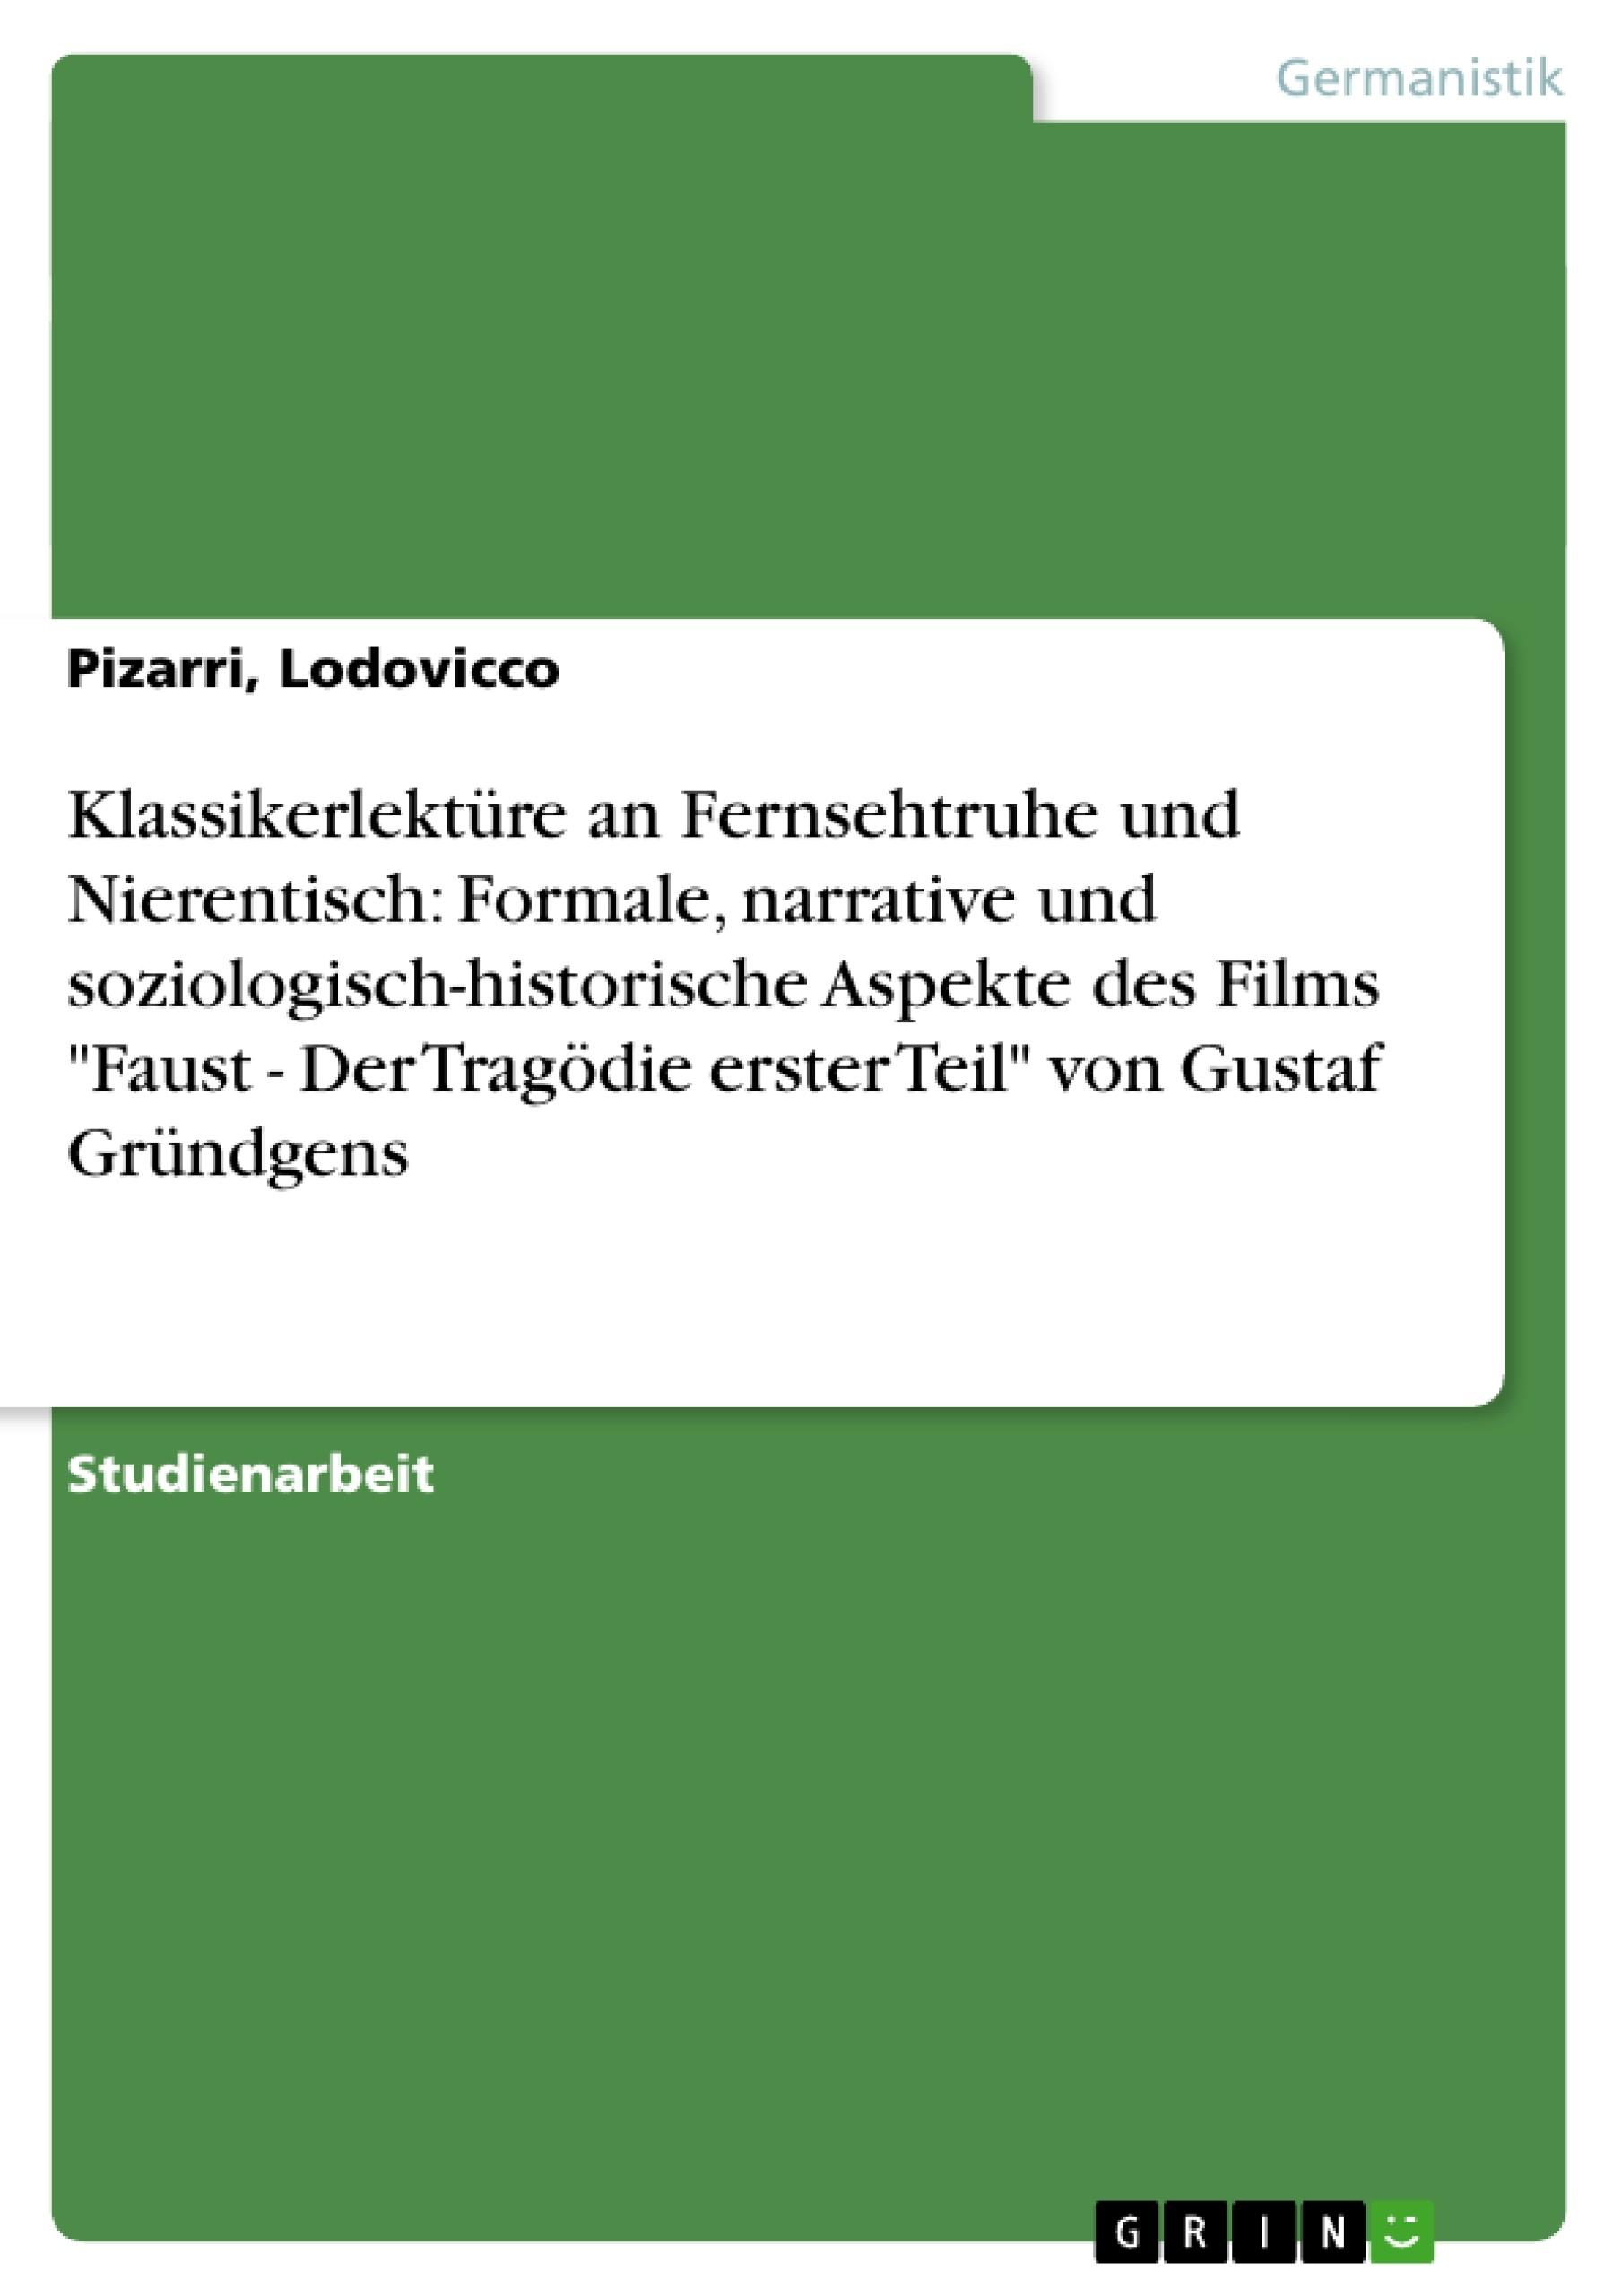 """Titel: Klassikerlektüre an Fernsehtruhe und Nierentisch: Formale, narrative und soziologisch-historische Aspekte des Films """"Faust - Der Tragödie erster Teil"""" von Gustaf Gründgens"""